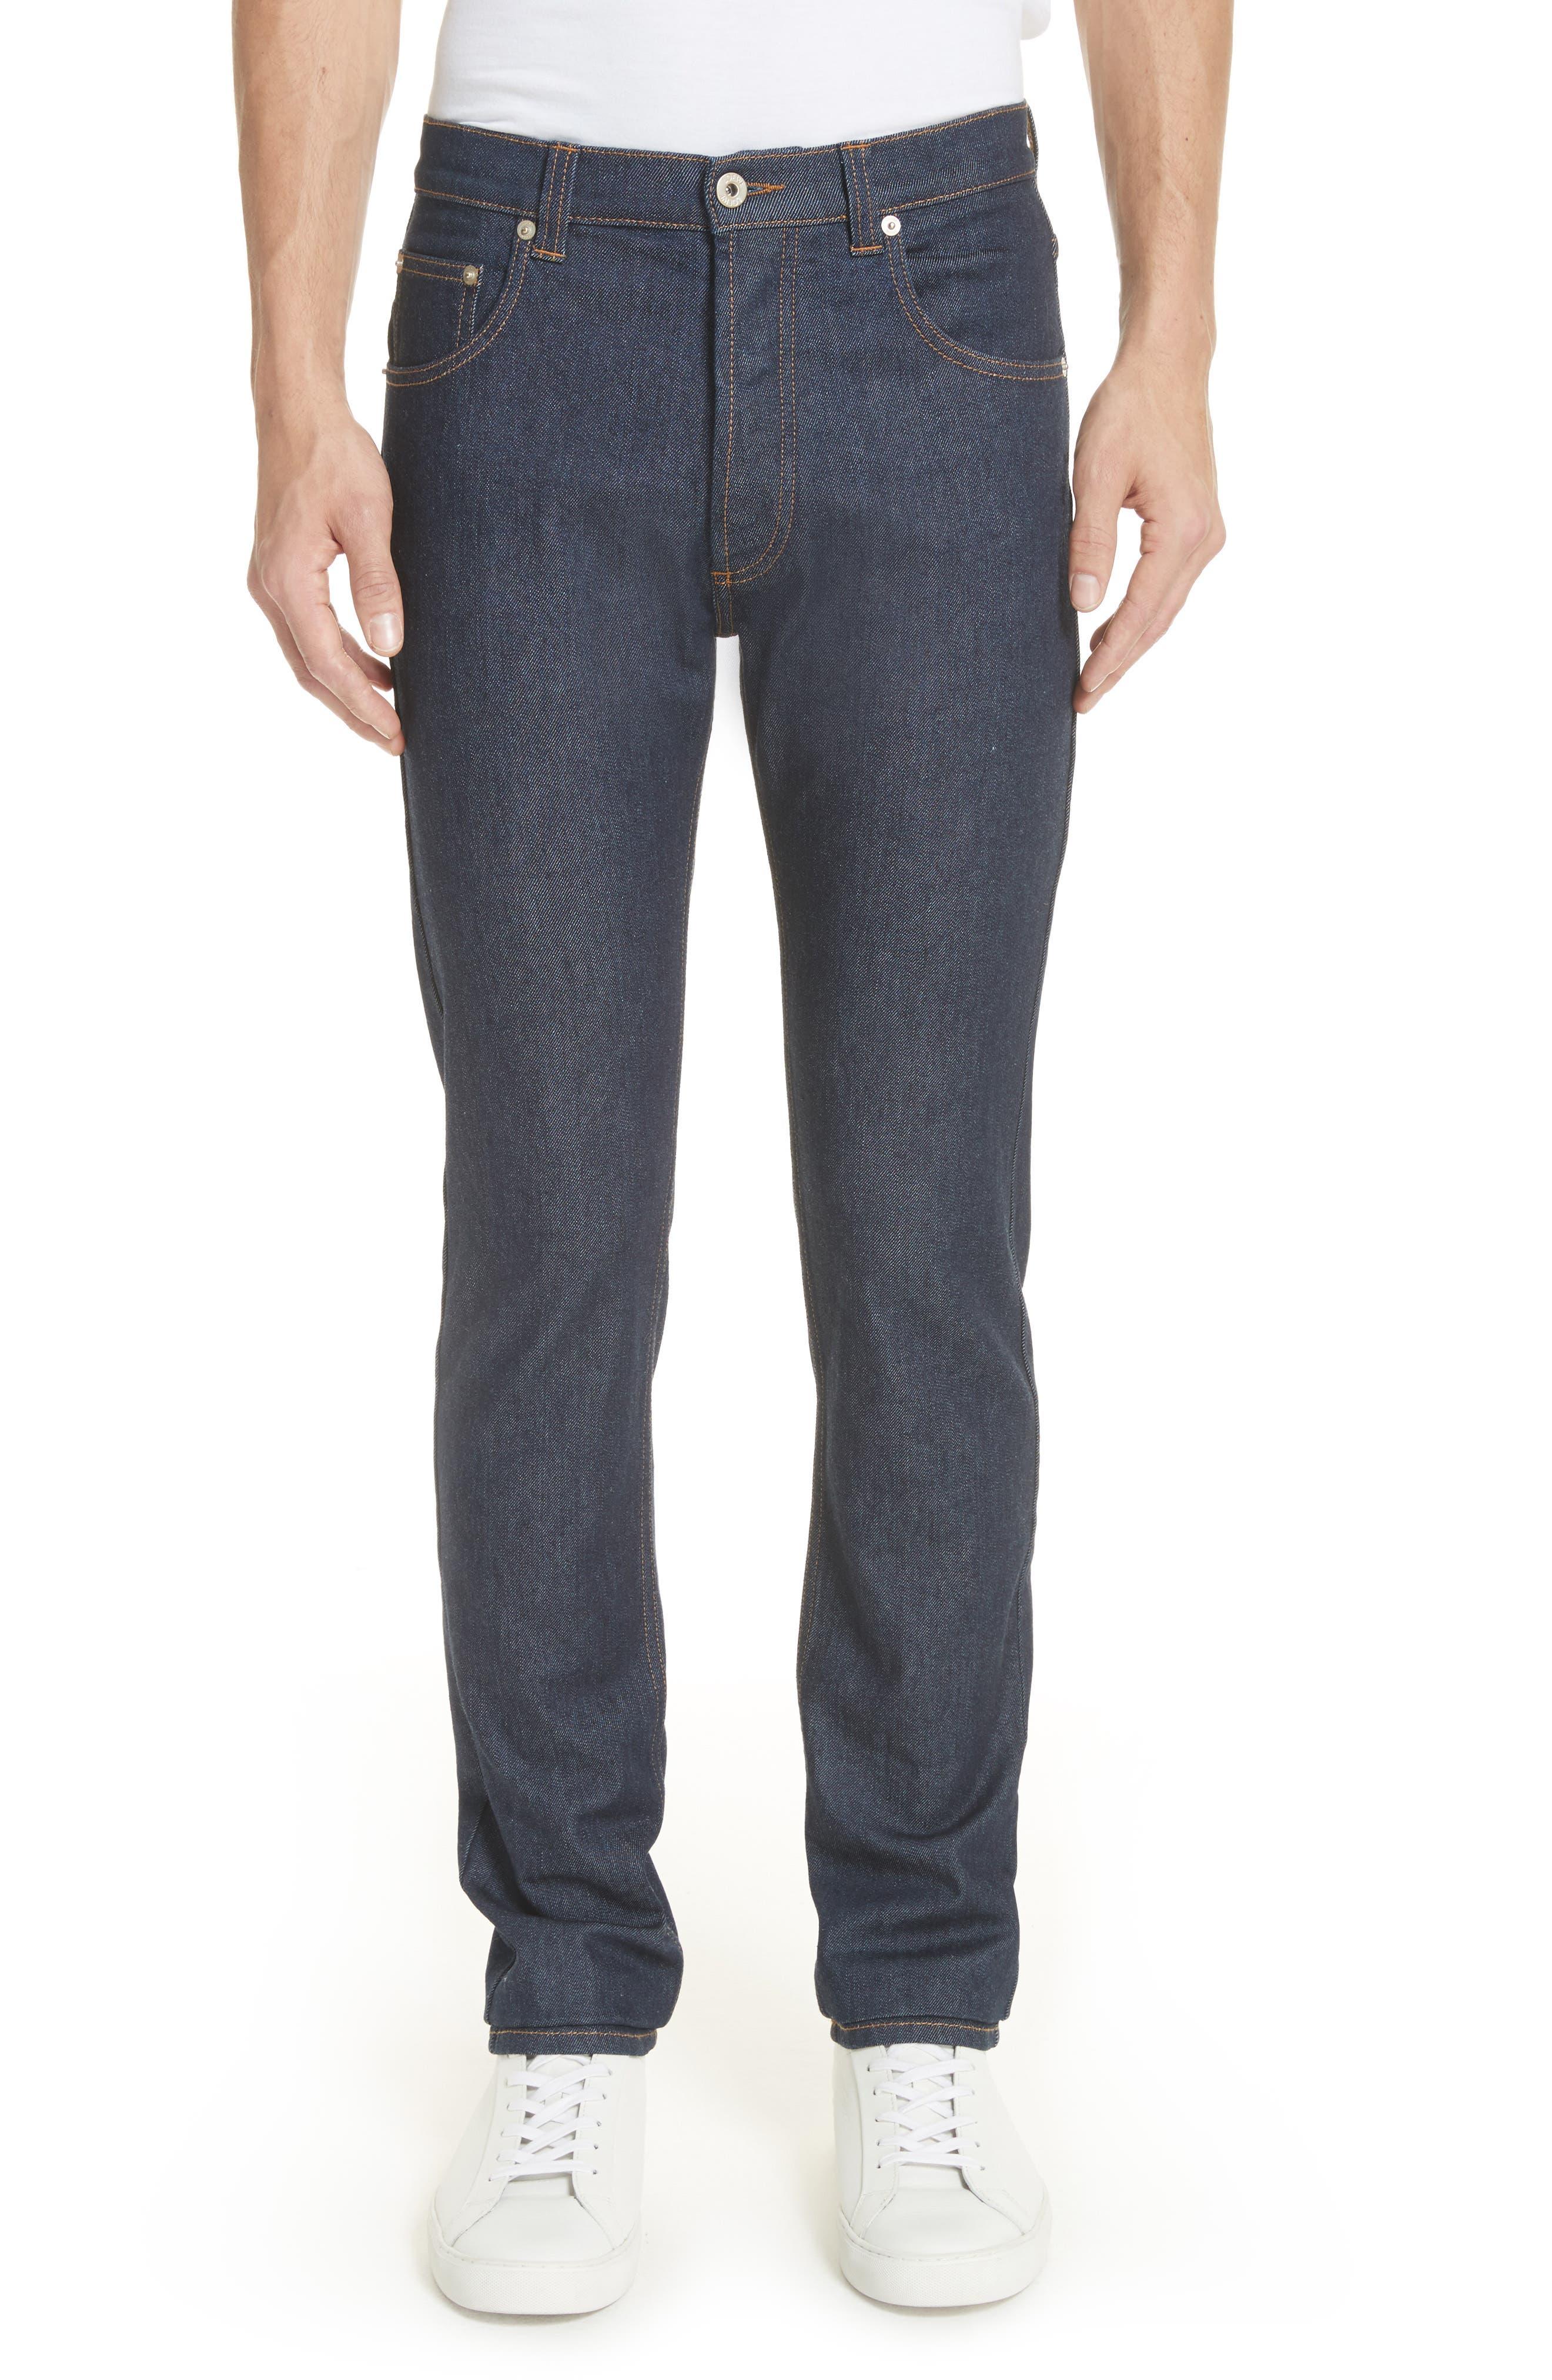 LOEWE, Skinny Fit Jeans, Main thumbnail 1, color, BLUE DENIM